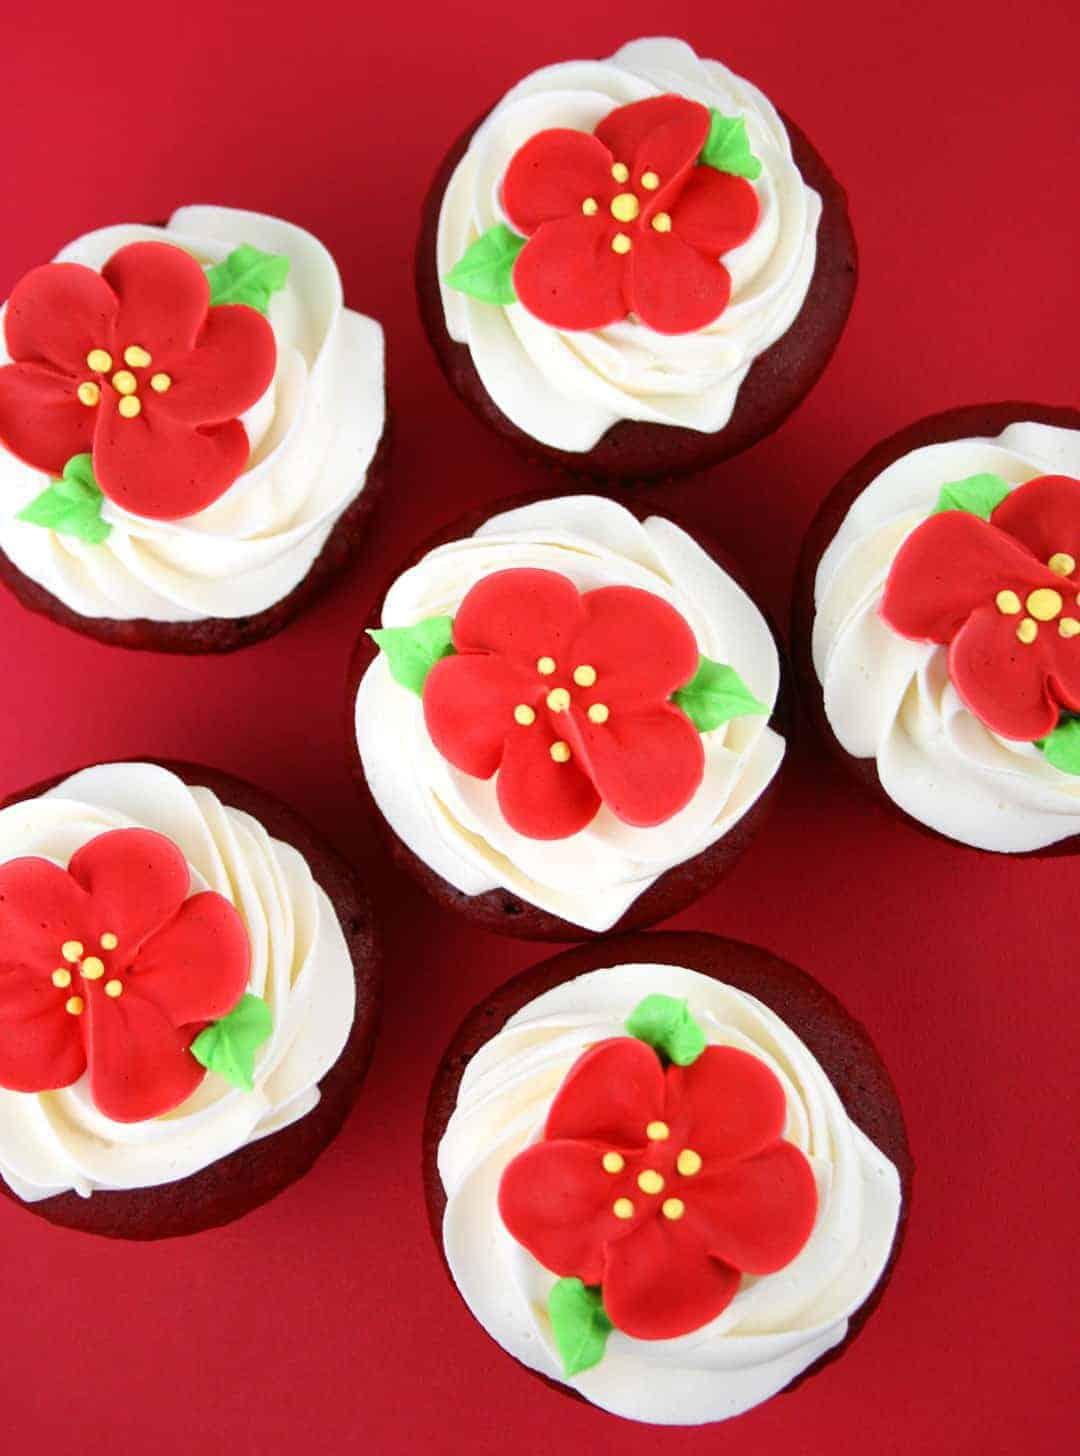 12_CupcakeRed2